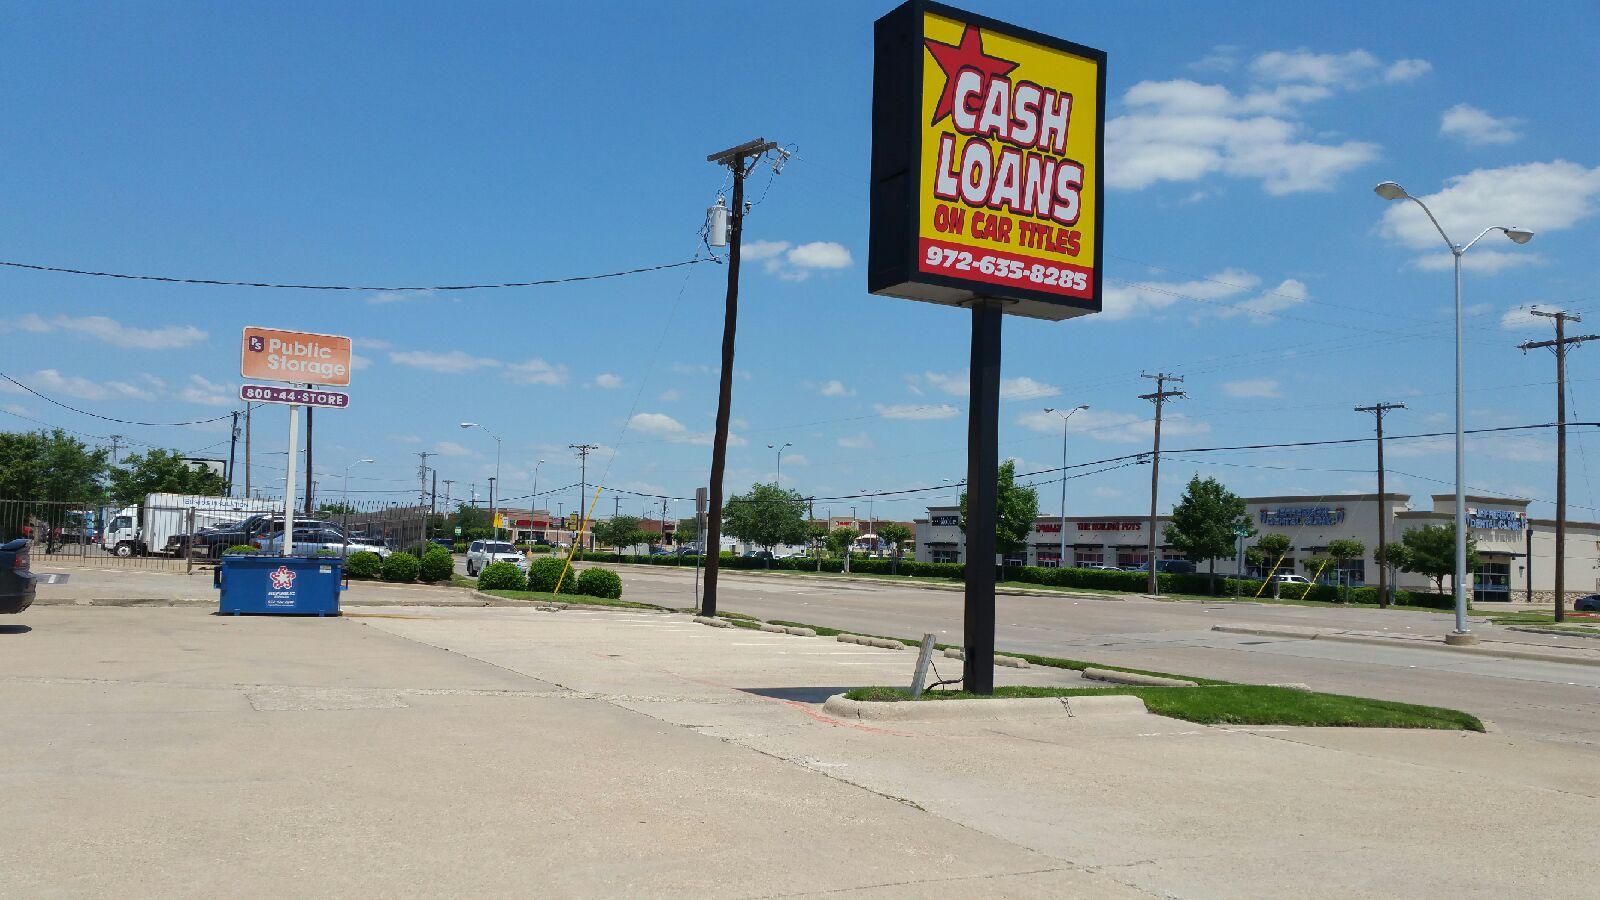 Loanstar Title Loans image 1